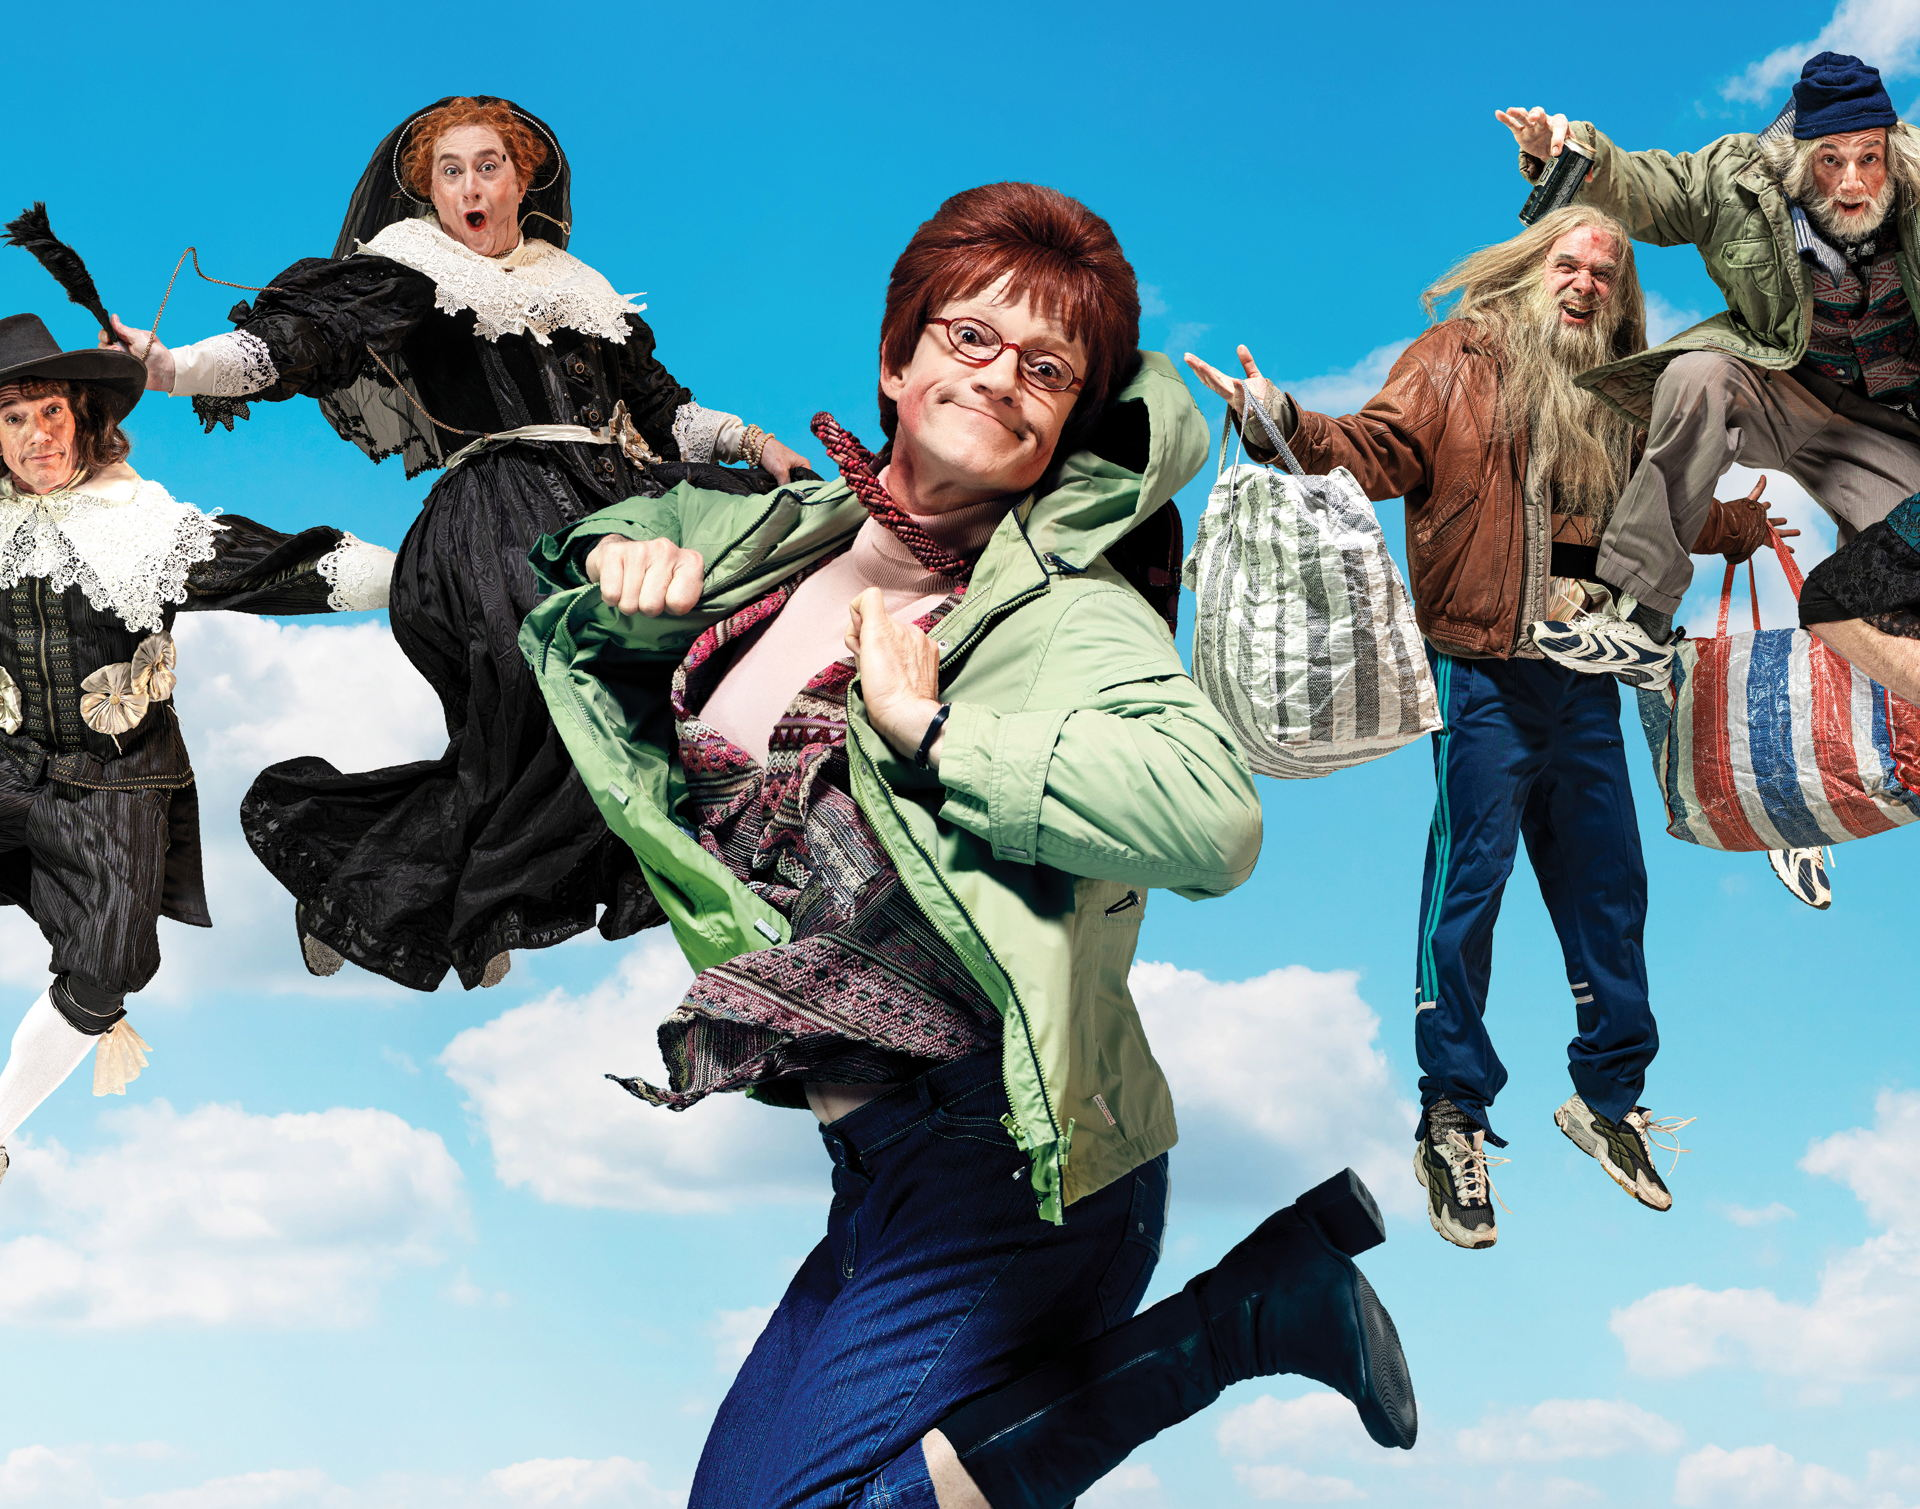 Owen Schumacher, Jeremy Baker en Paul Groot duiken samen met Ruth Sahertian en Jeske van der Staak in heerlijk herkenbare, confronterende sketches, songs en scènes van Koefnoen. Met bekende types als happy single Ipie en ANWB-duo Okko en Eus.